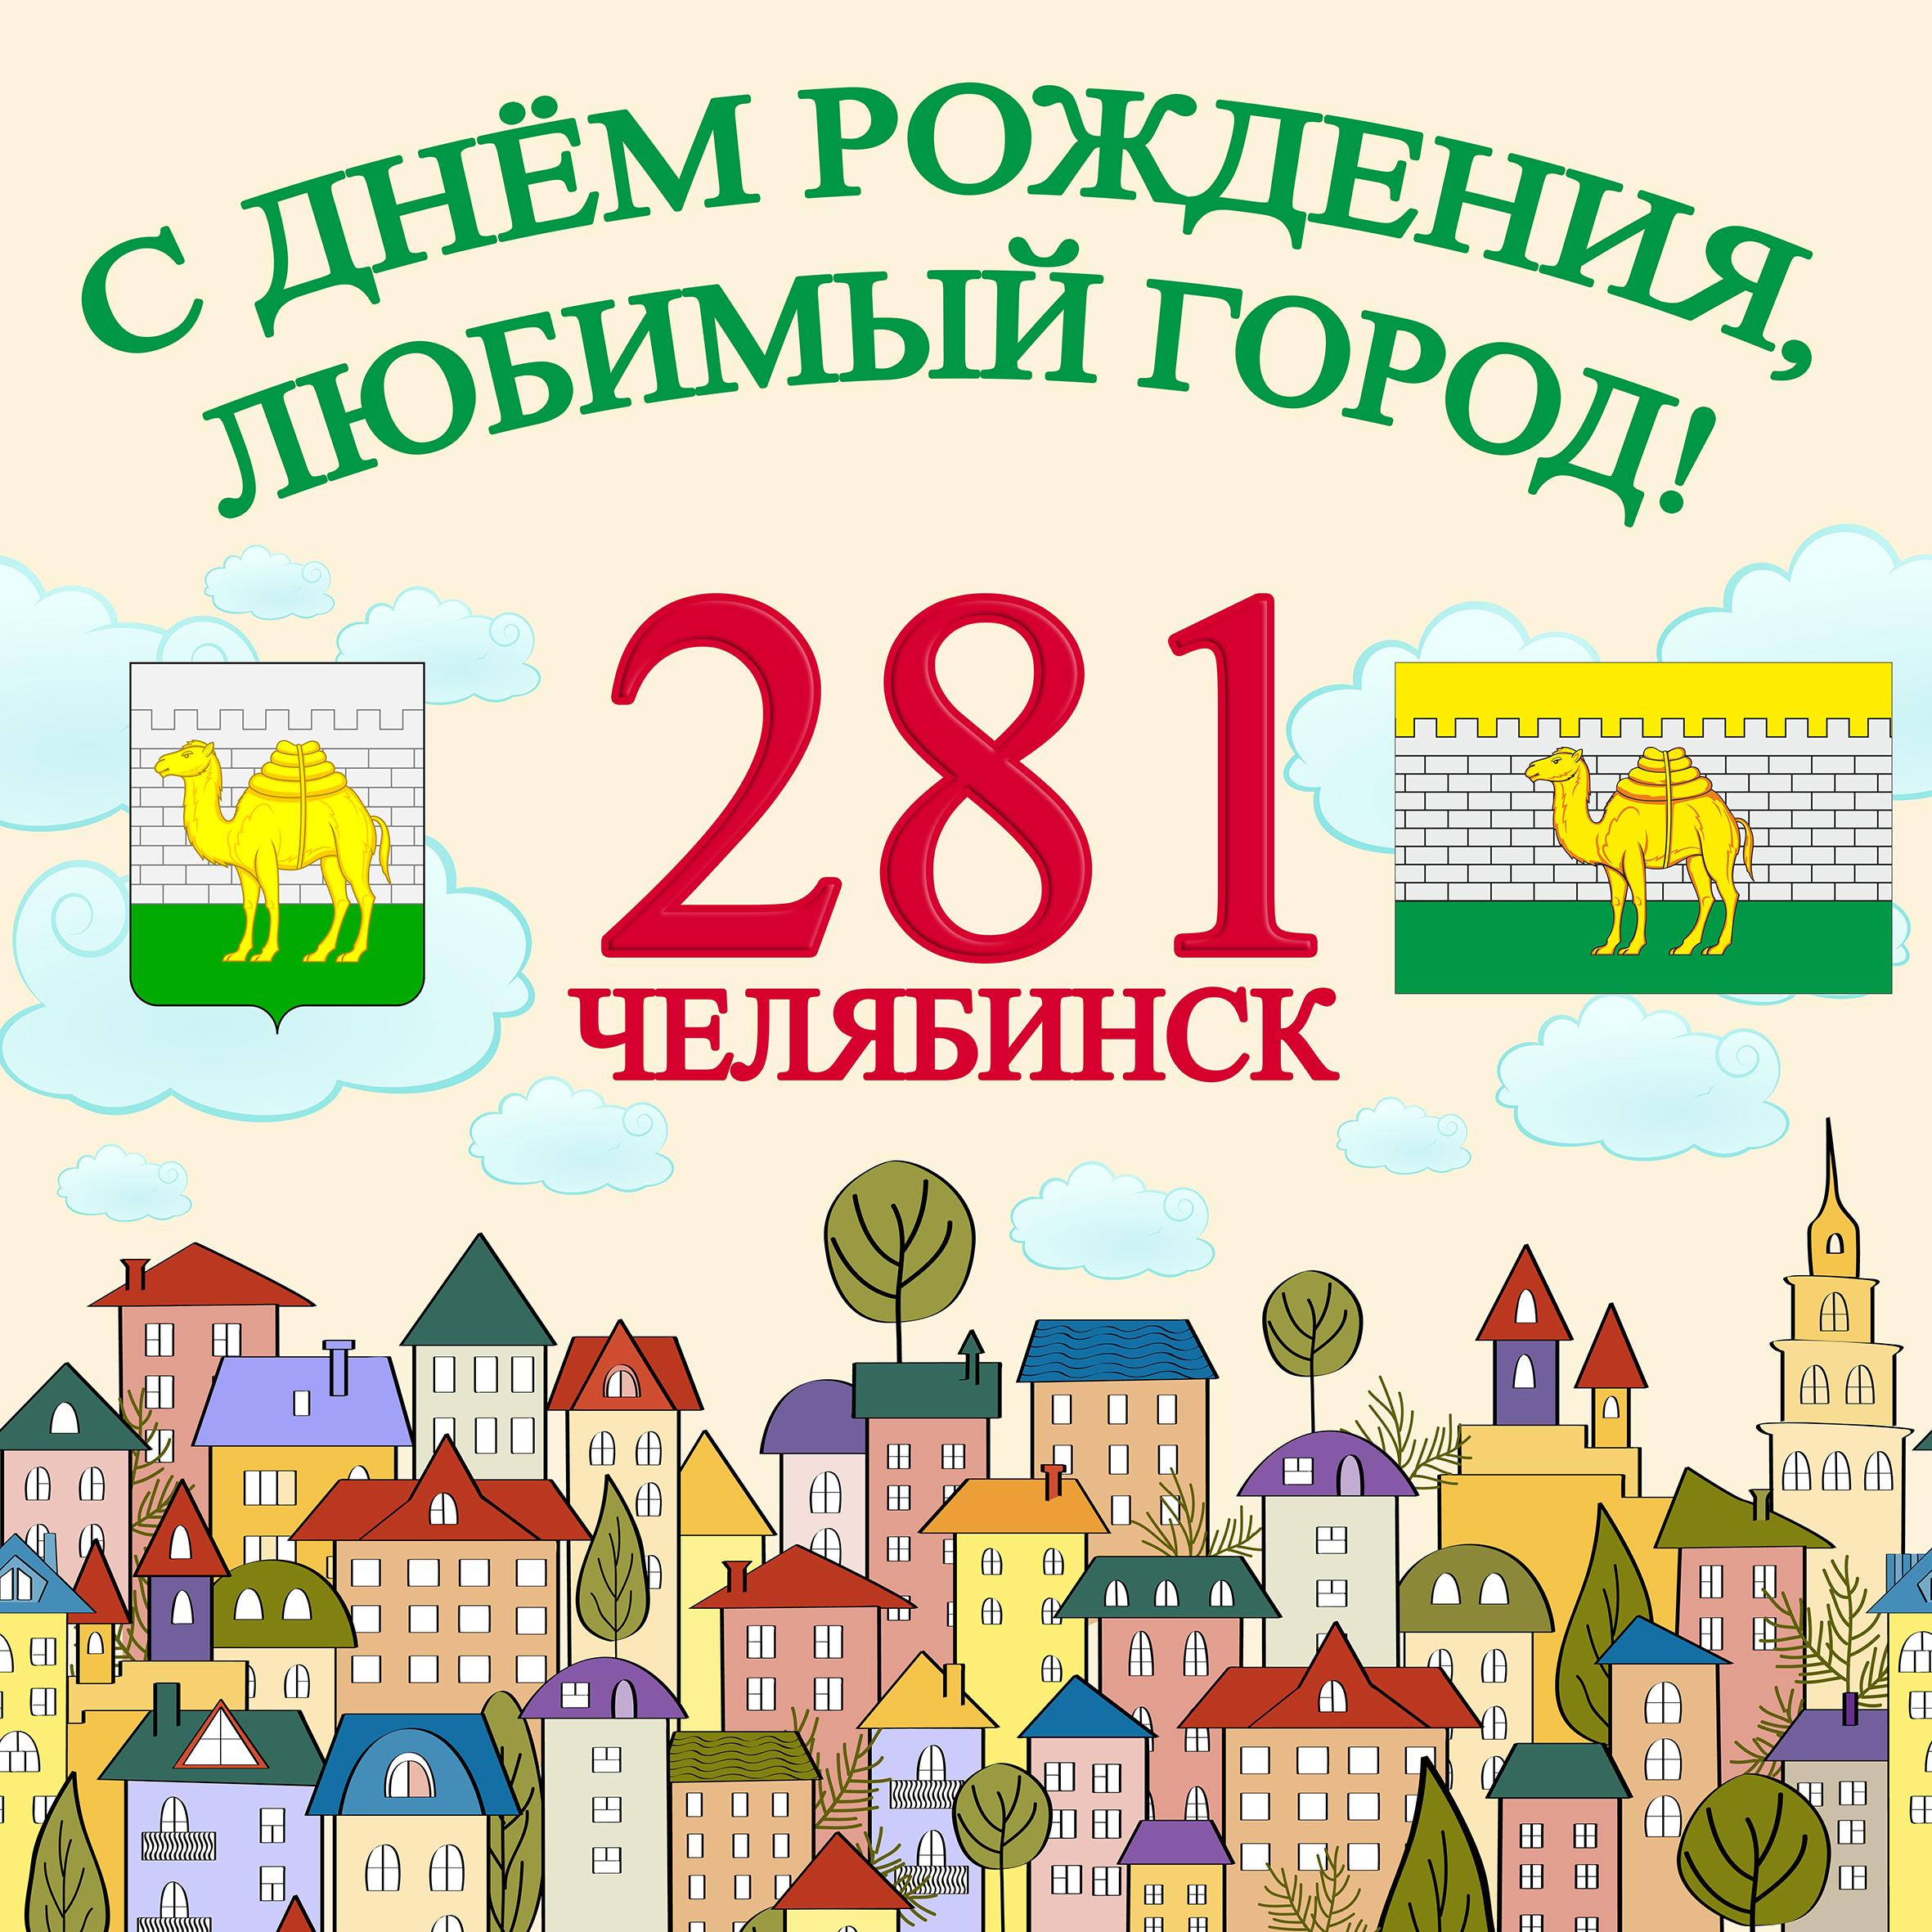 Картинки по запросу с днём рождения любимый город челябинск